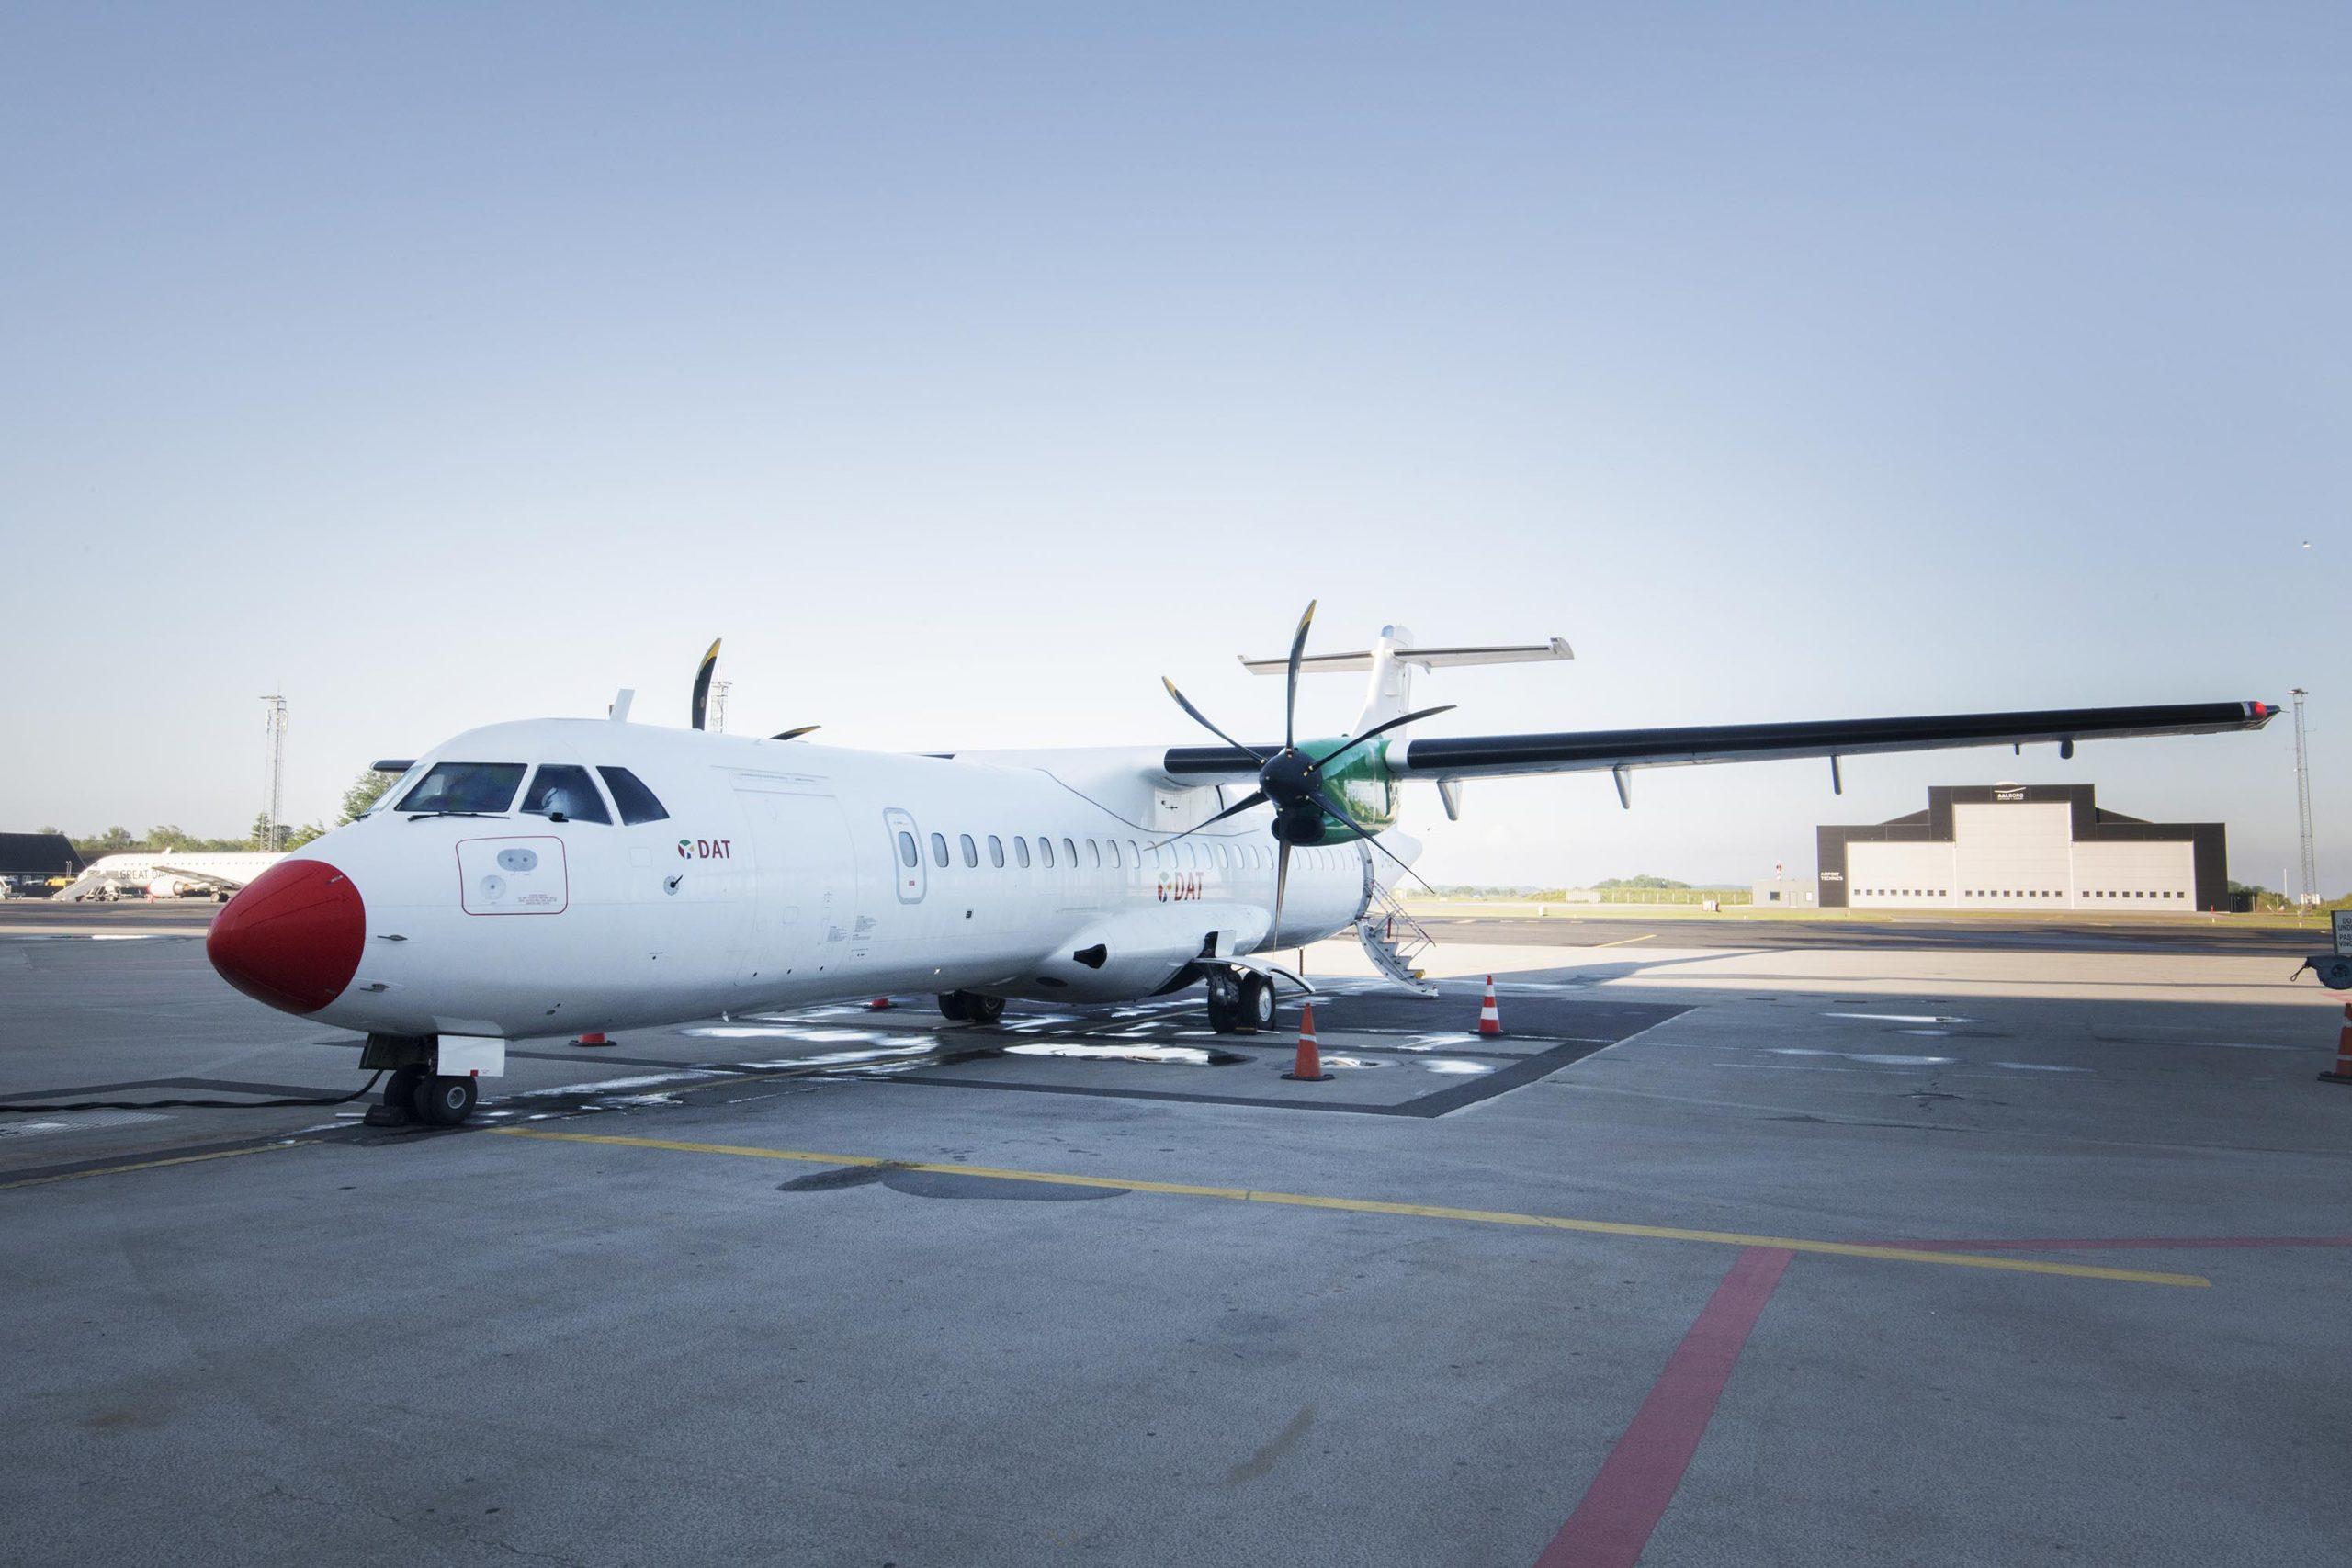 DAT ATR 72-600 i Aalborg Lufthavn. (Foto: Joakim J. Hvistendahl)